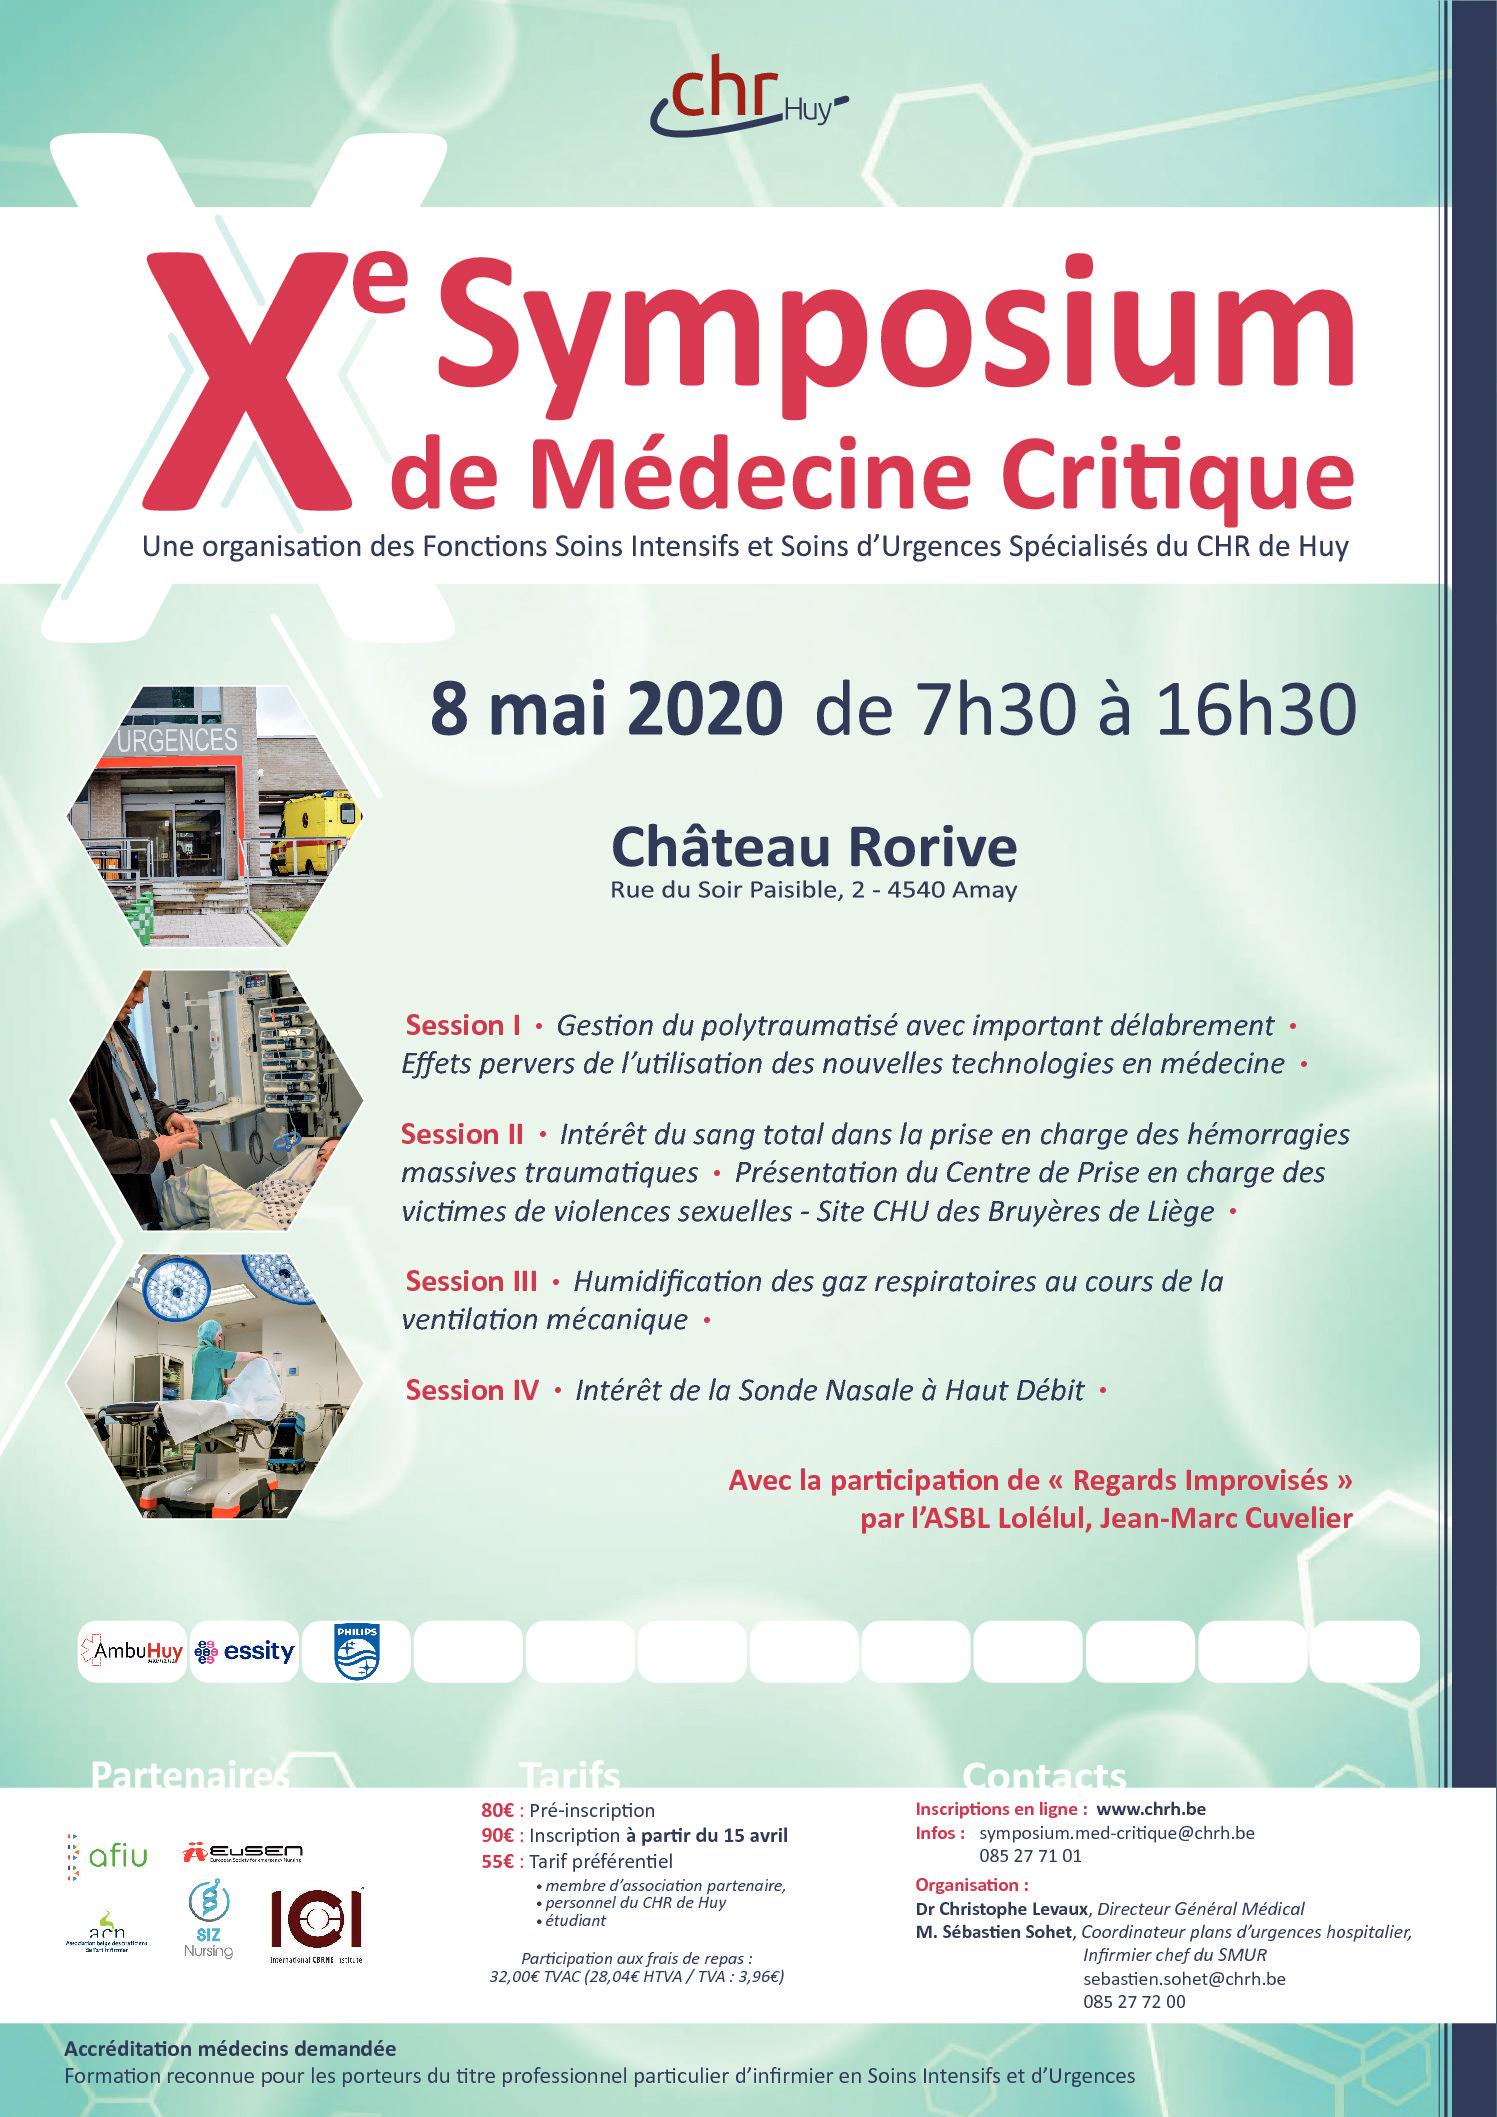 Symposium du CHR de Huy